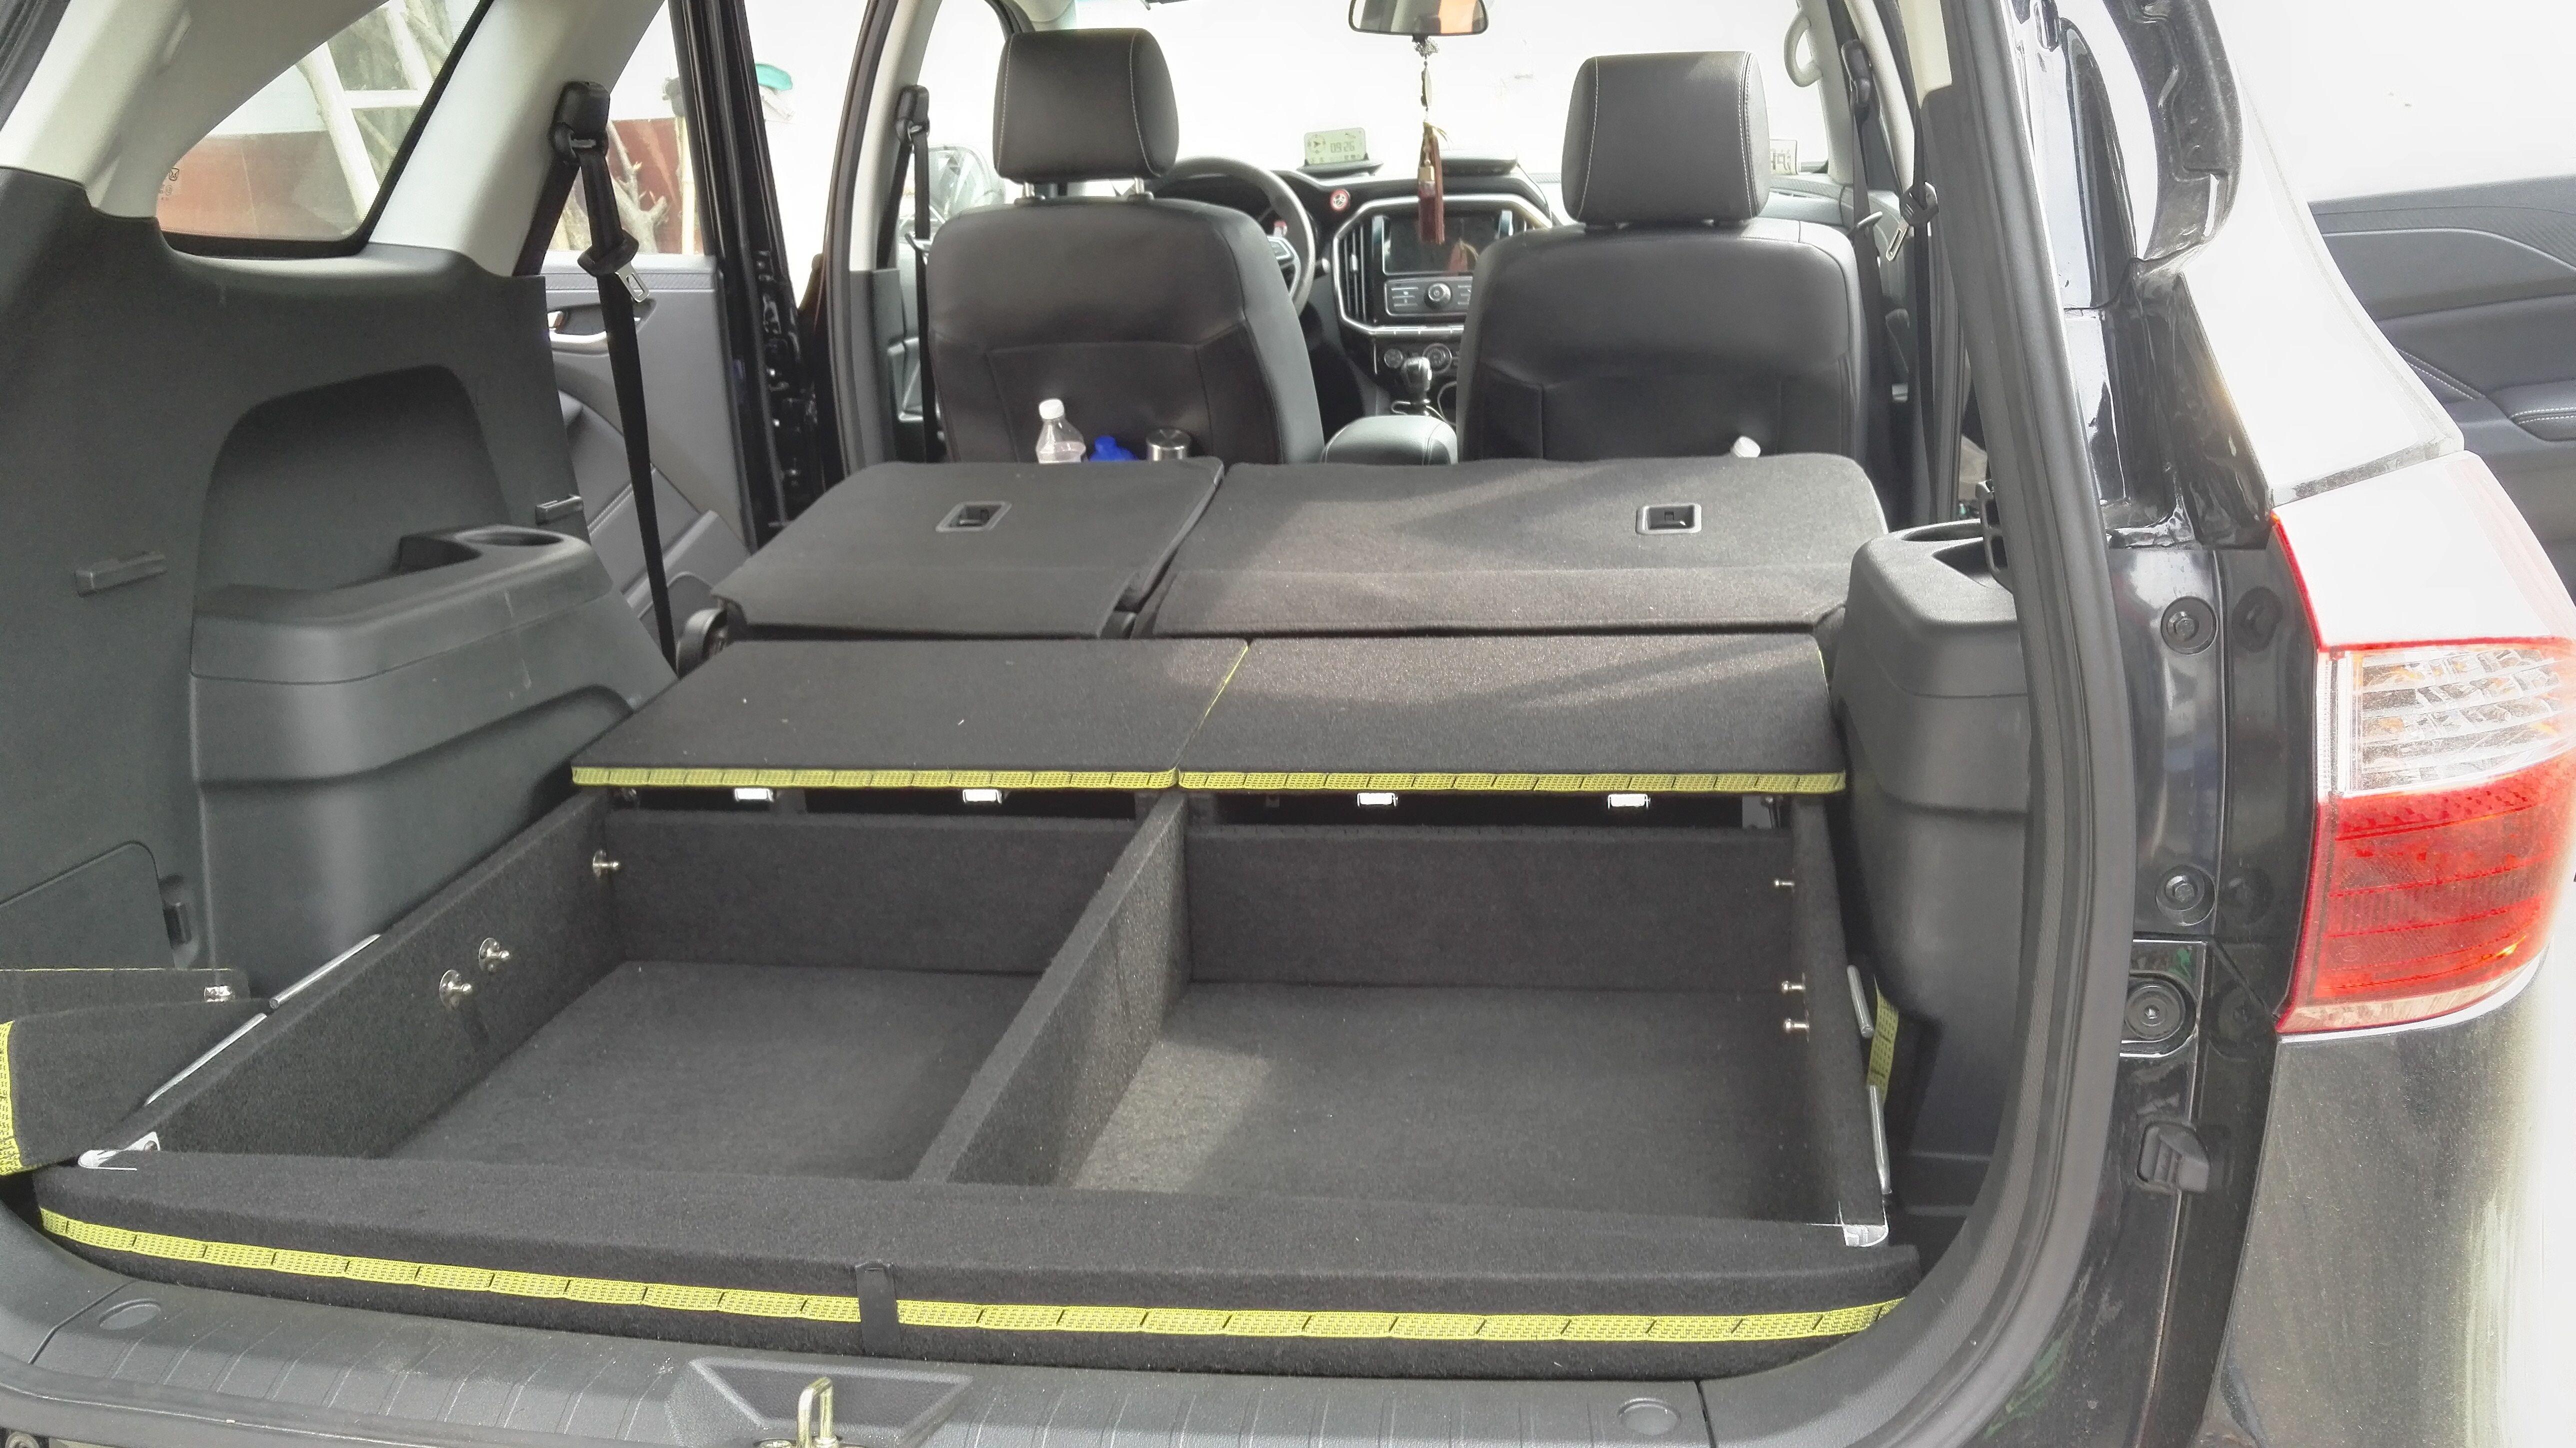 车床图片1.jpg